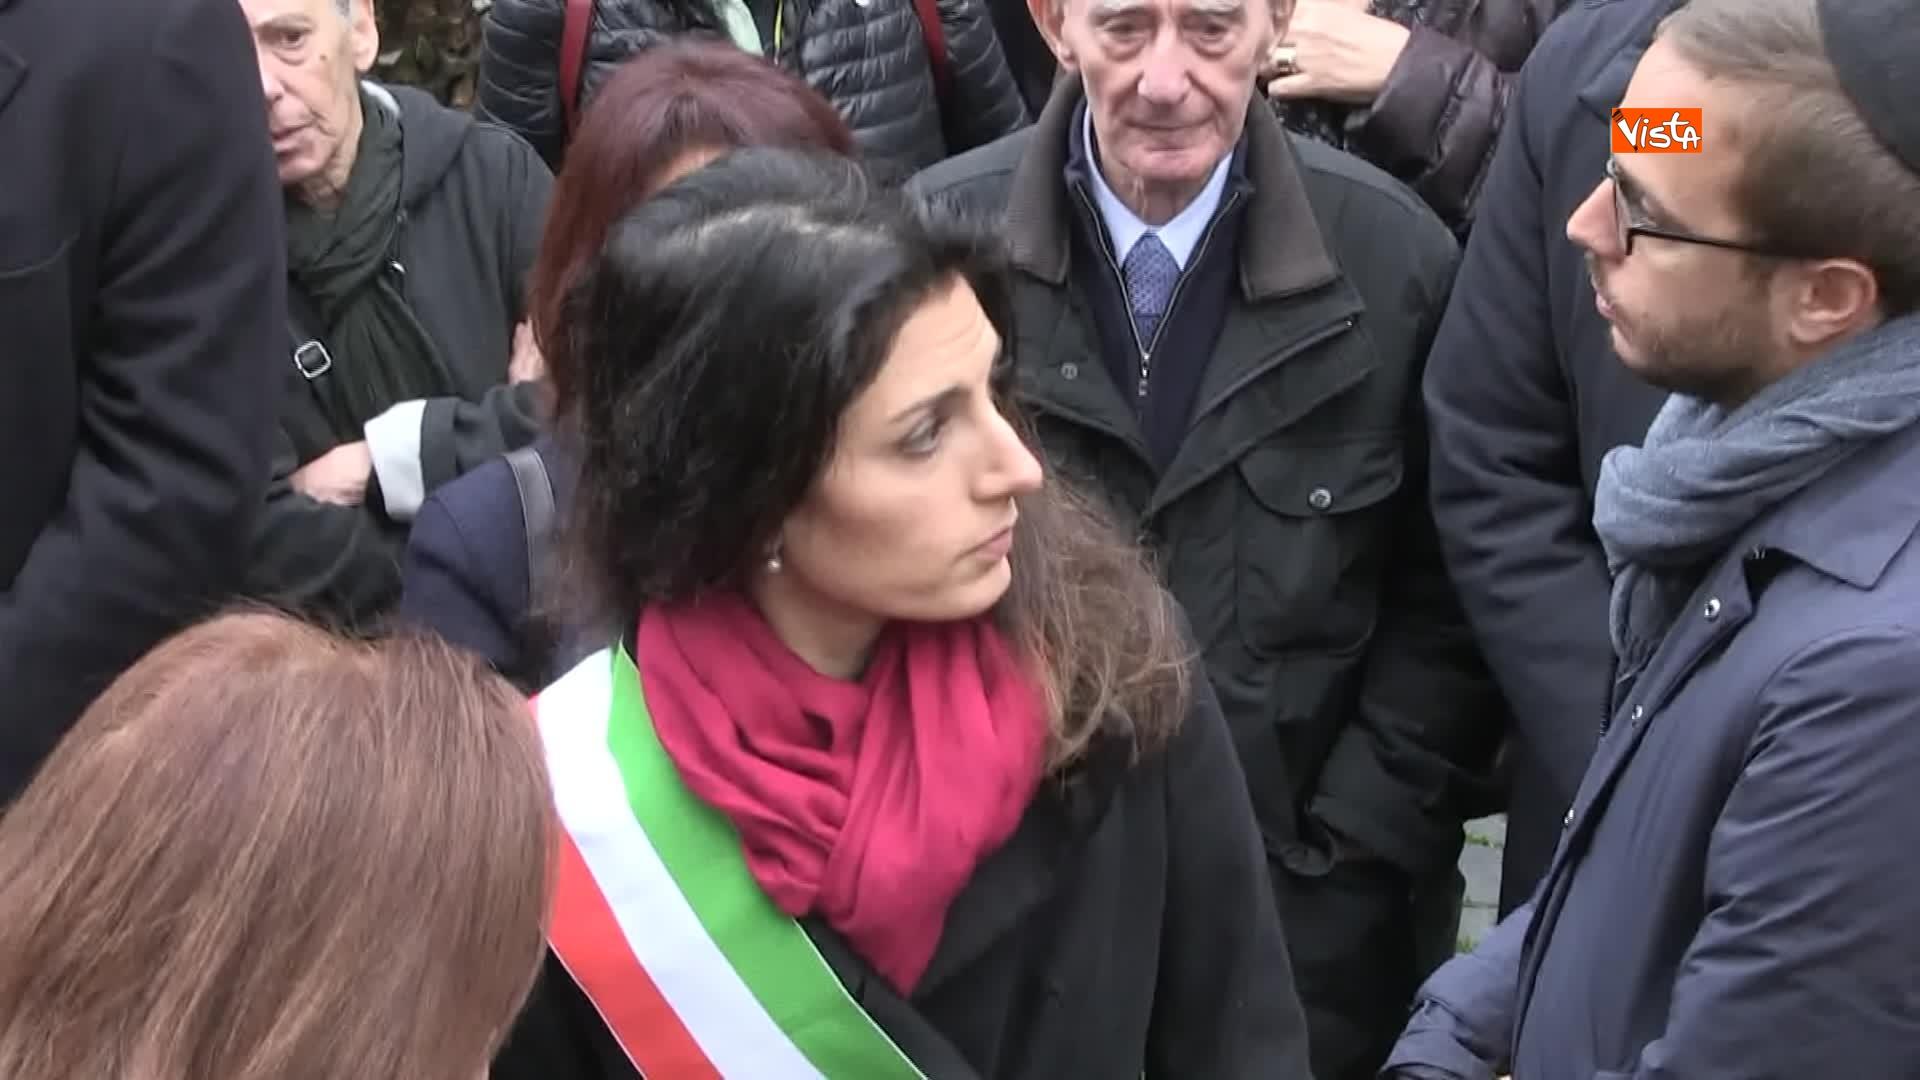 L'ultimo saluto a Piero Terracina al quartiere ebraico di Roma_02